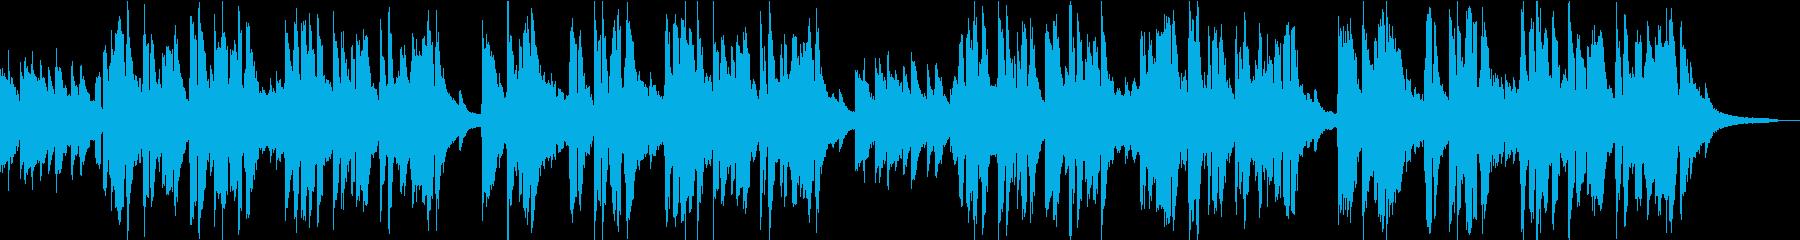 峠の我が家 英語 女性ボーカルの再生済みの波形